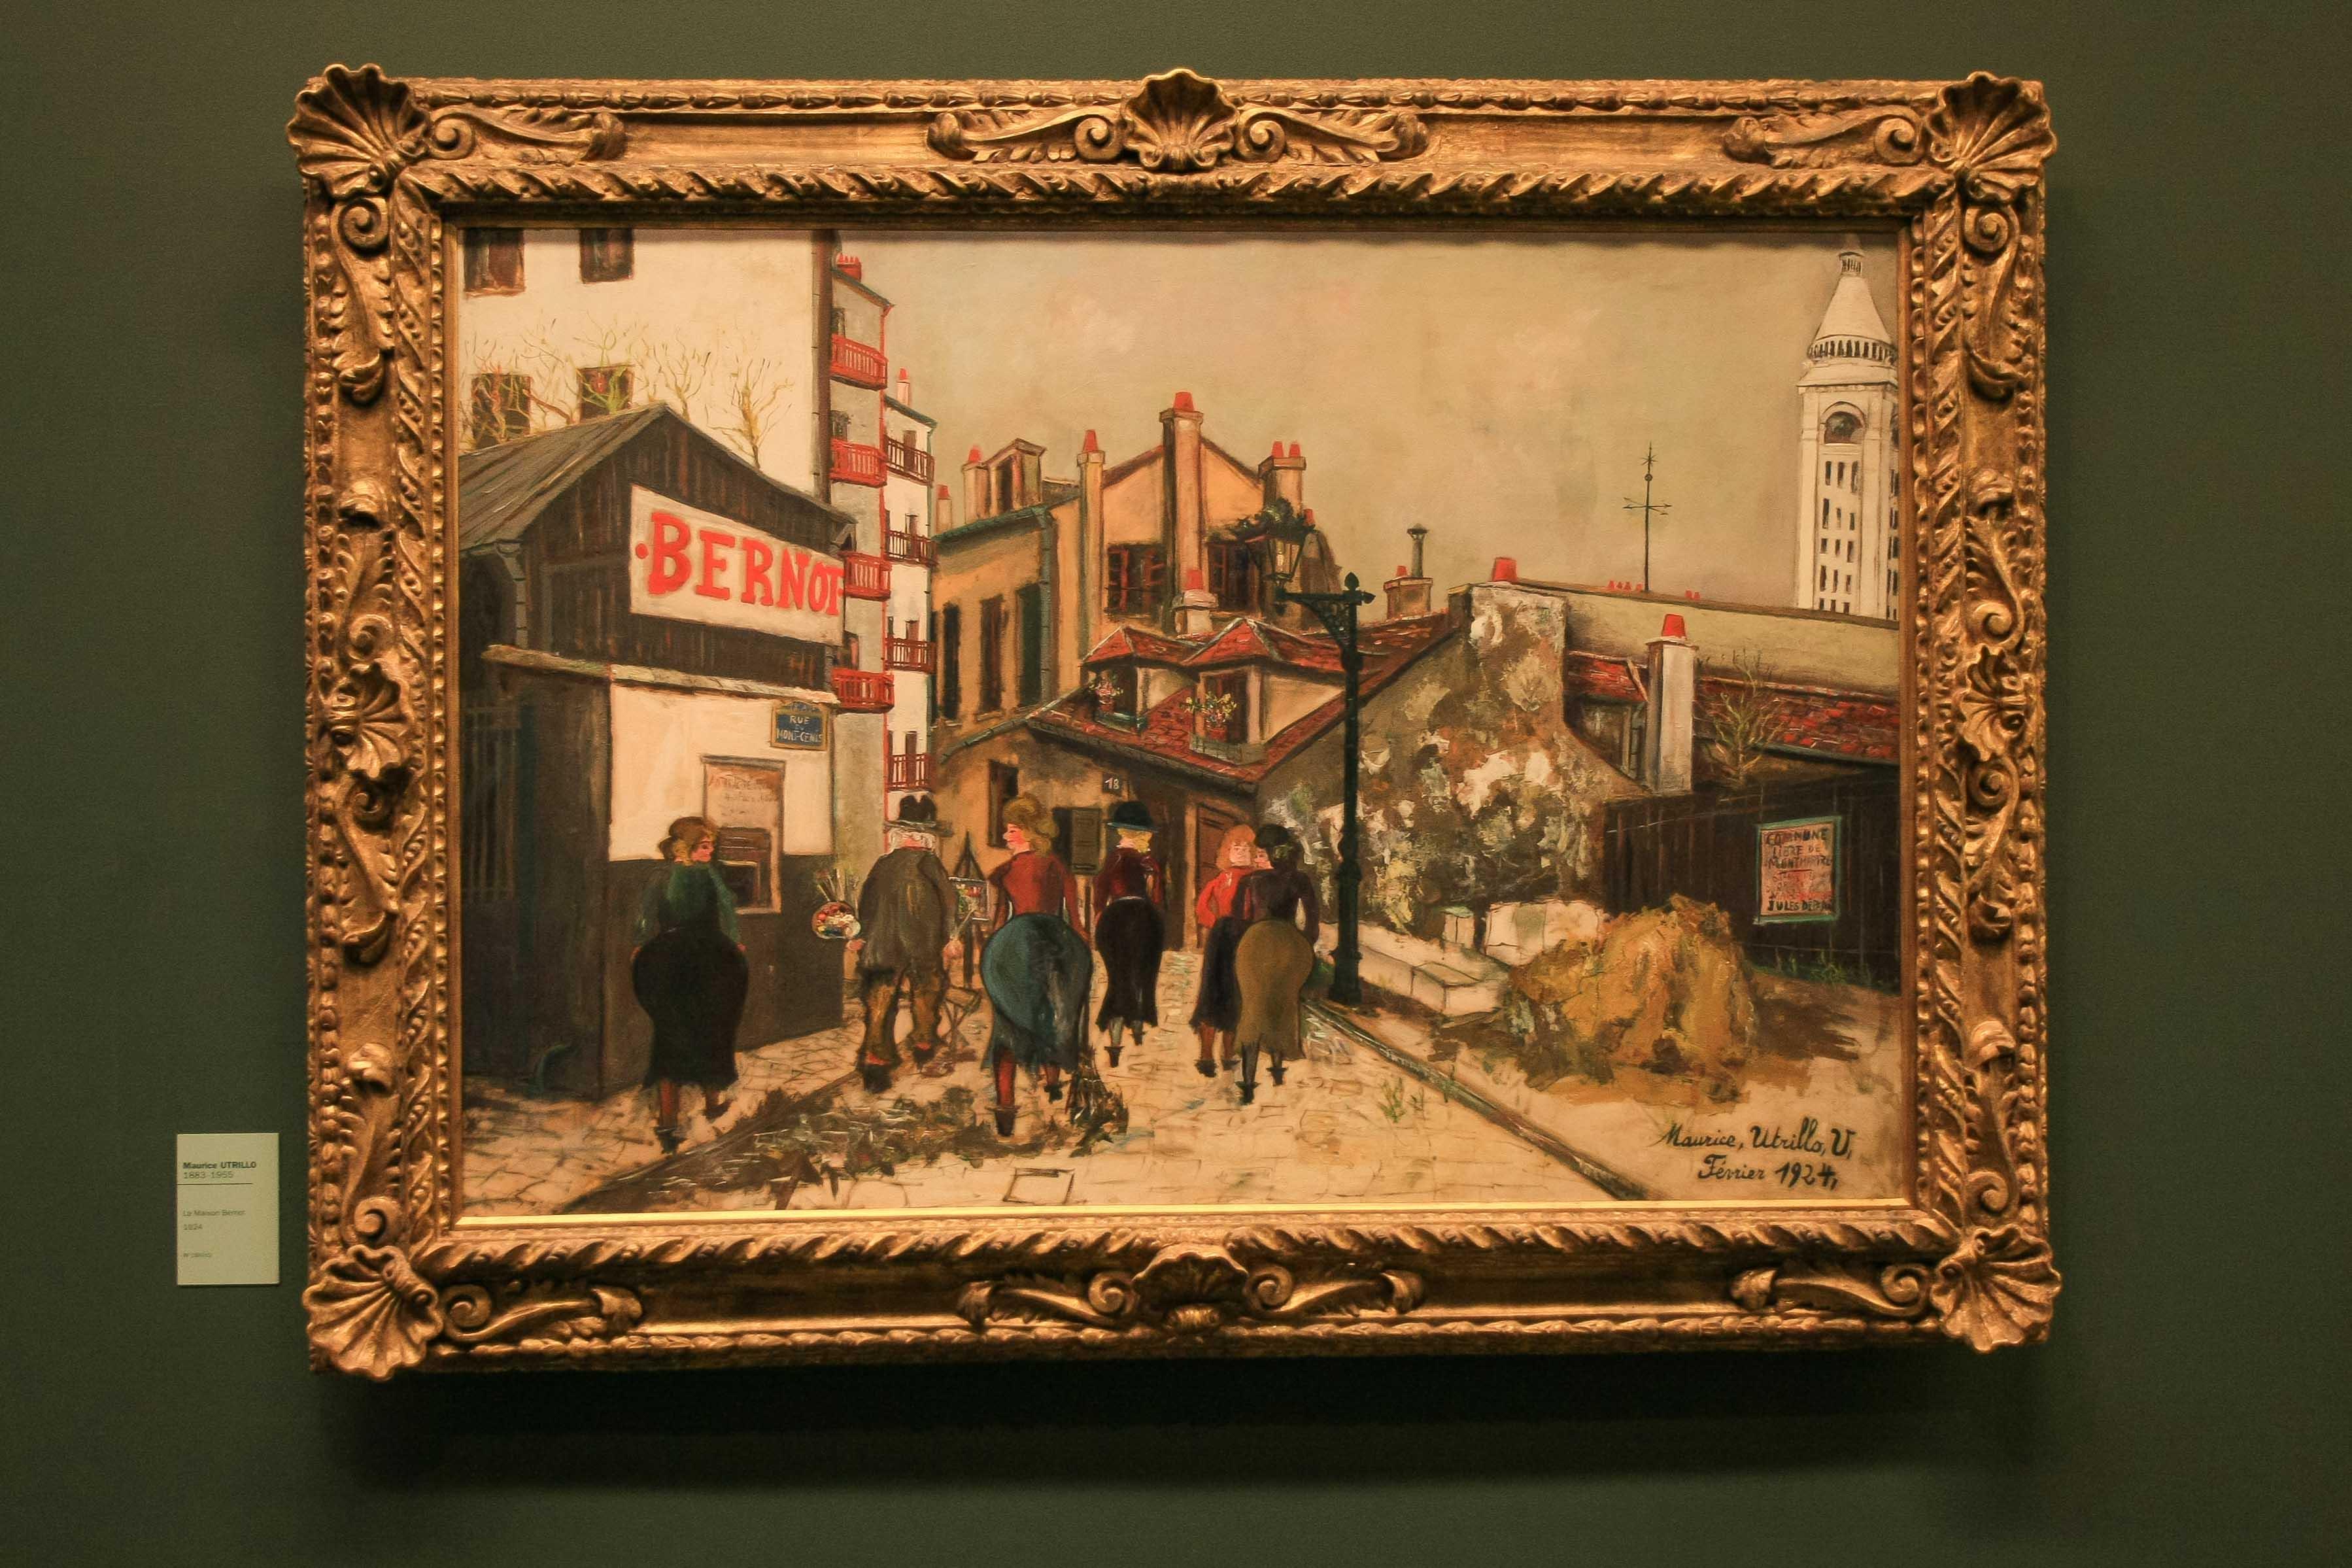 【フランス旅行】パリ オランジュリー美術館 モーリス・ユトリロという画家